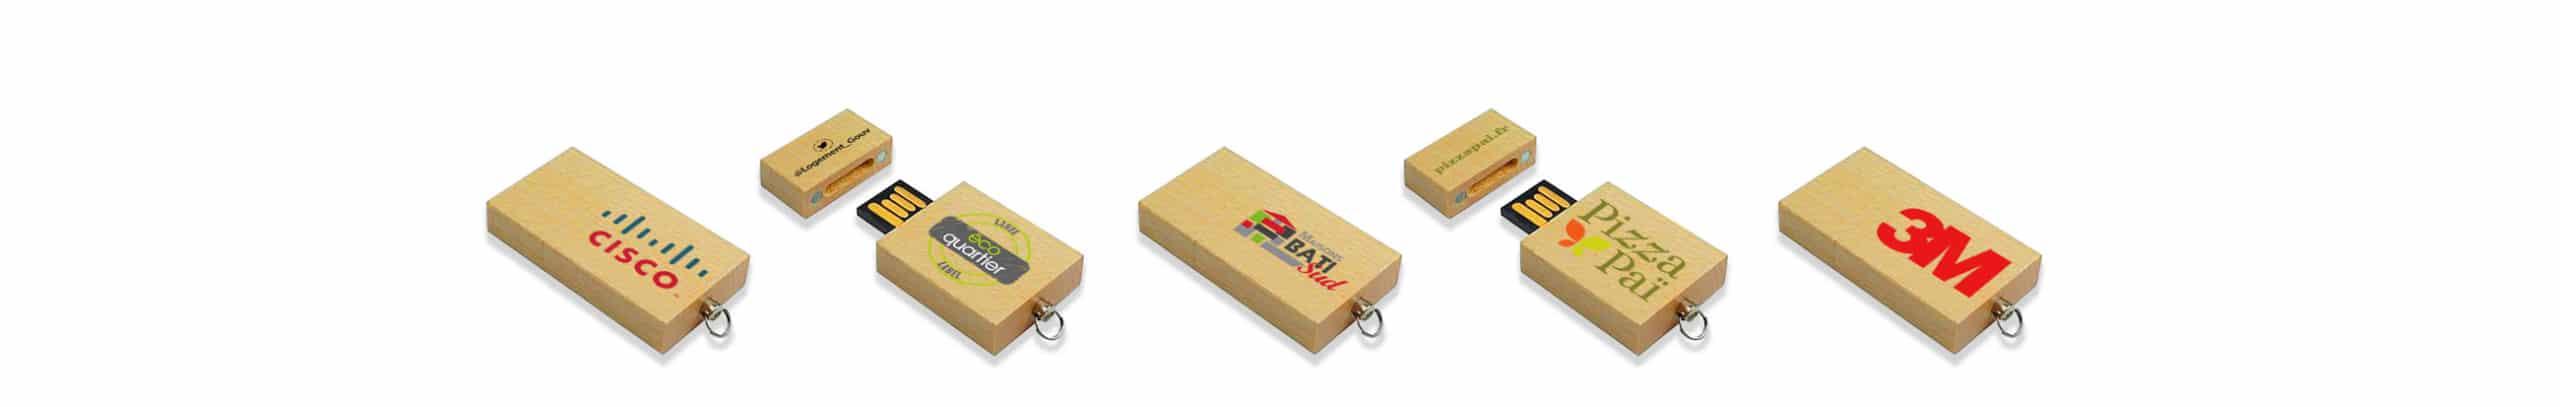 lot de clés USB bois personnalisées de myUsb.fr